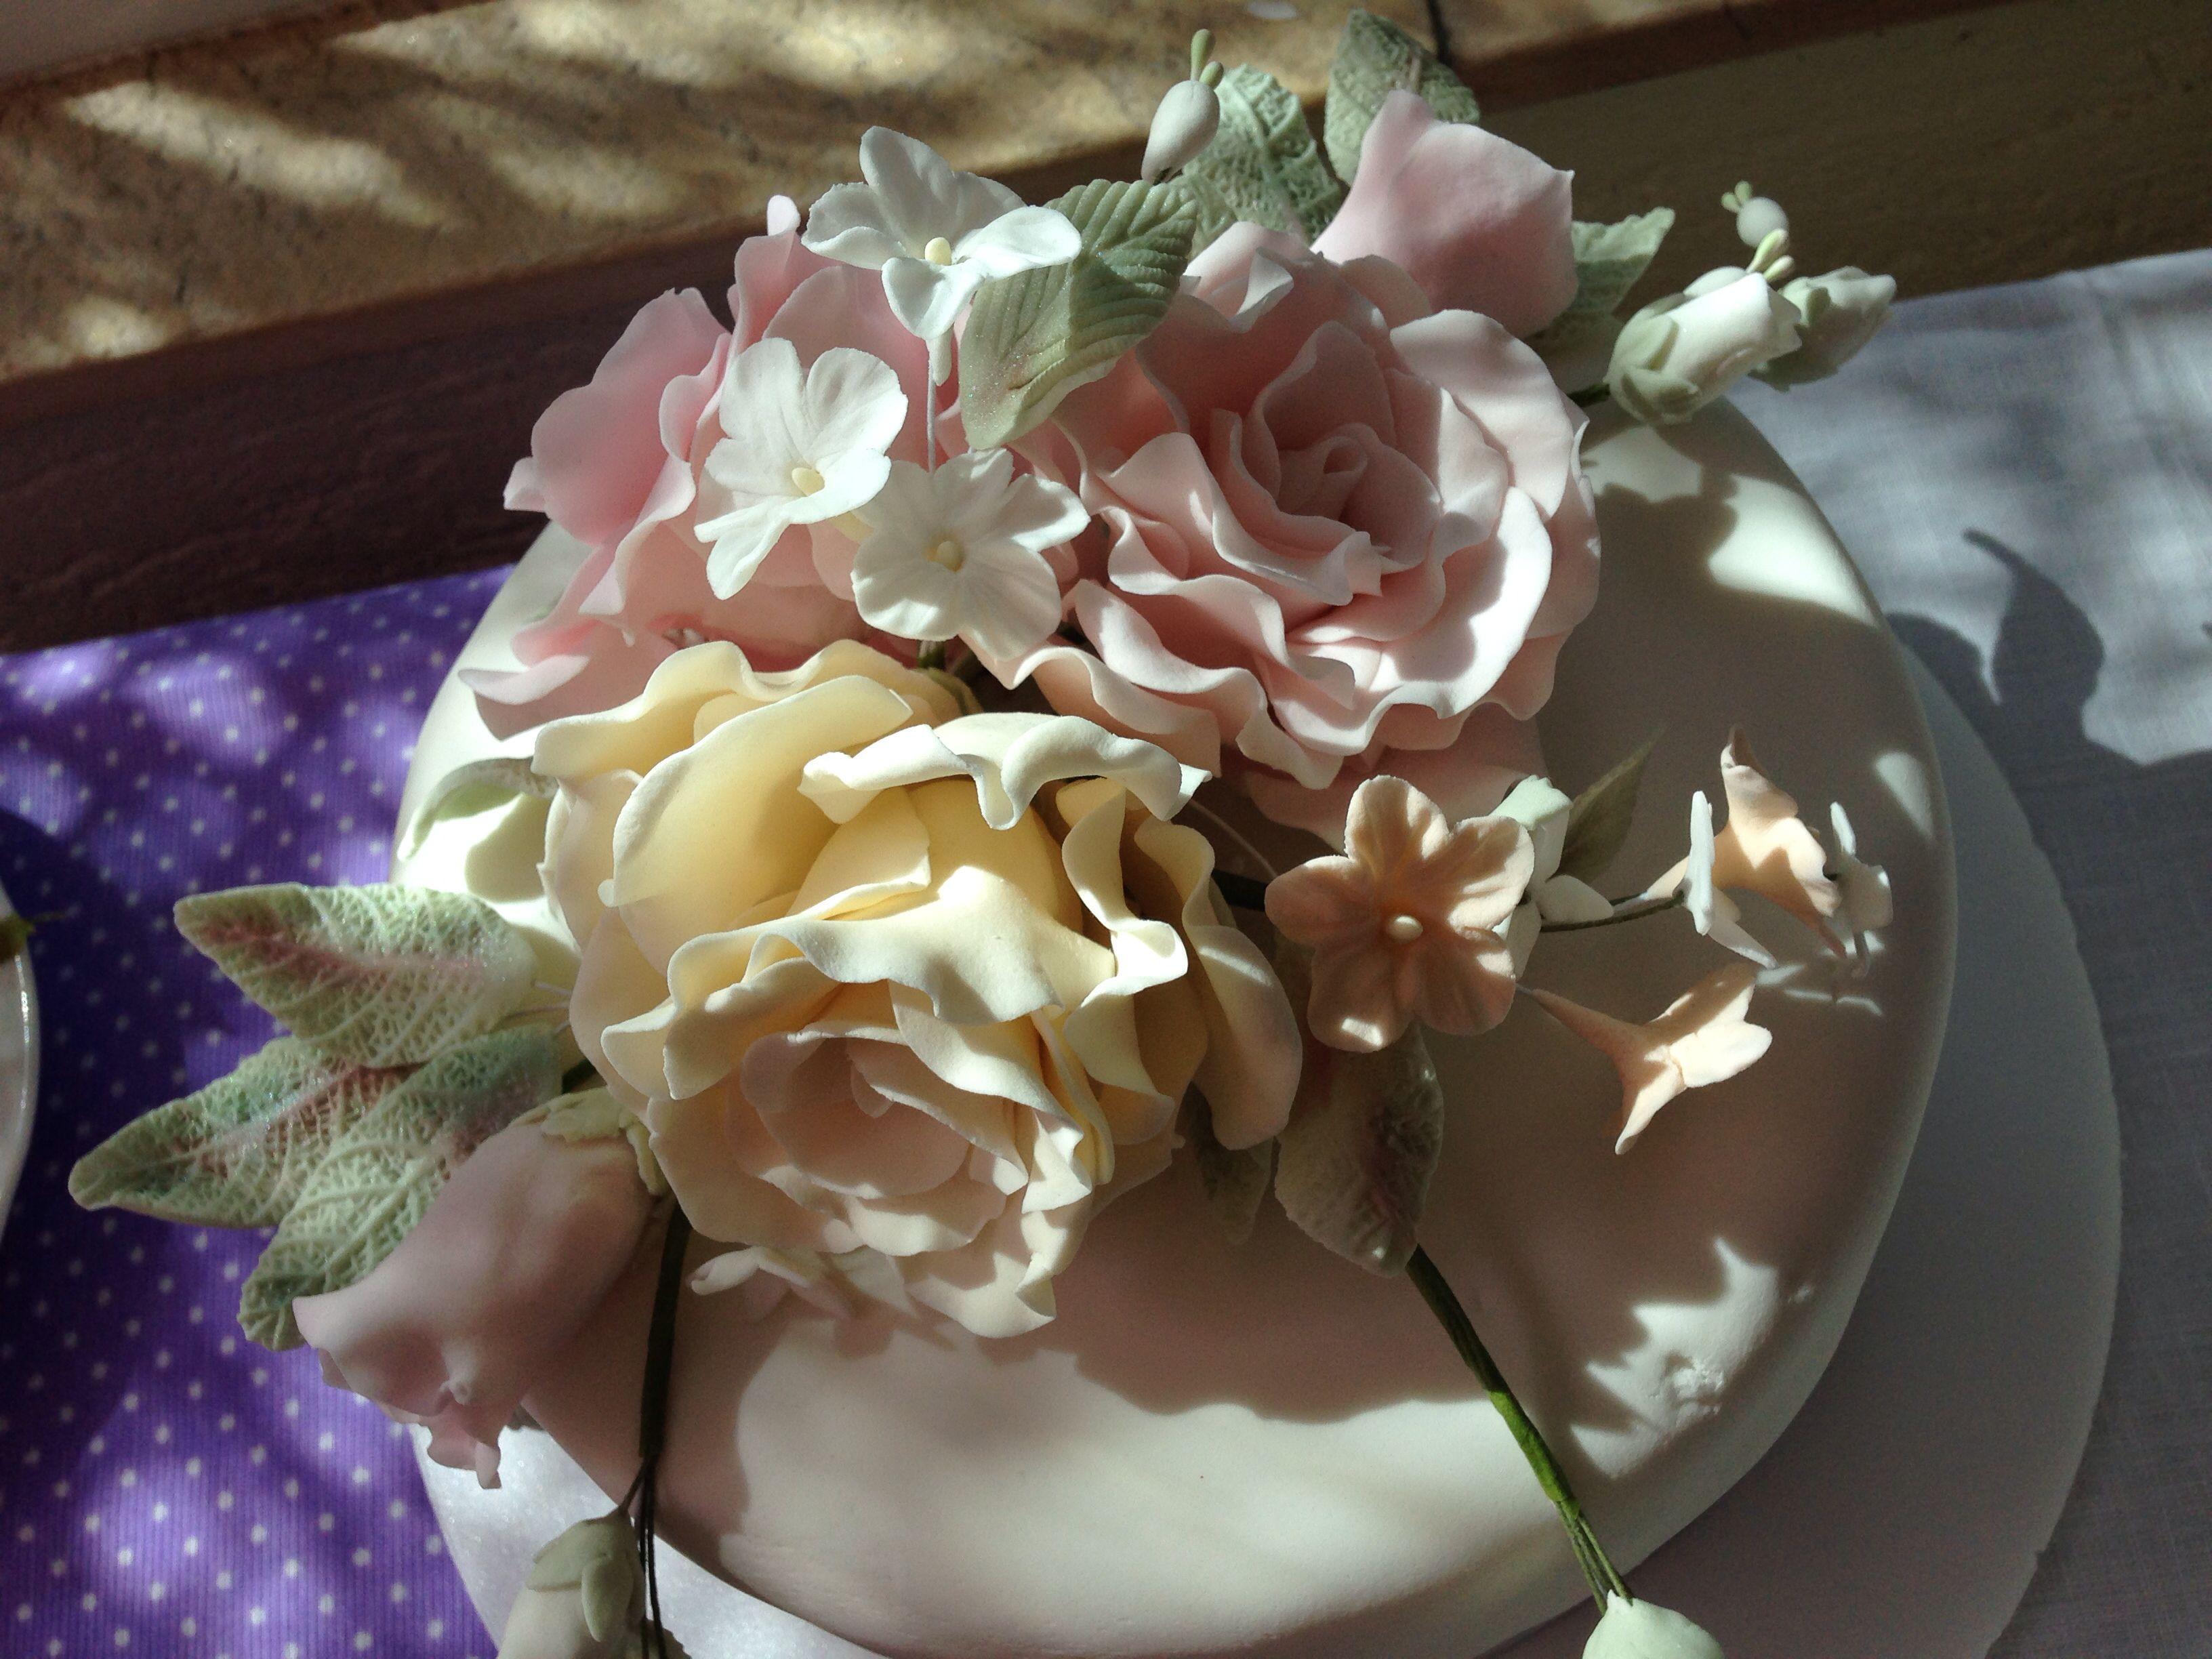 sugar flowers by mom